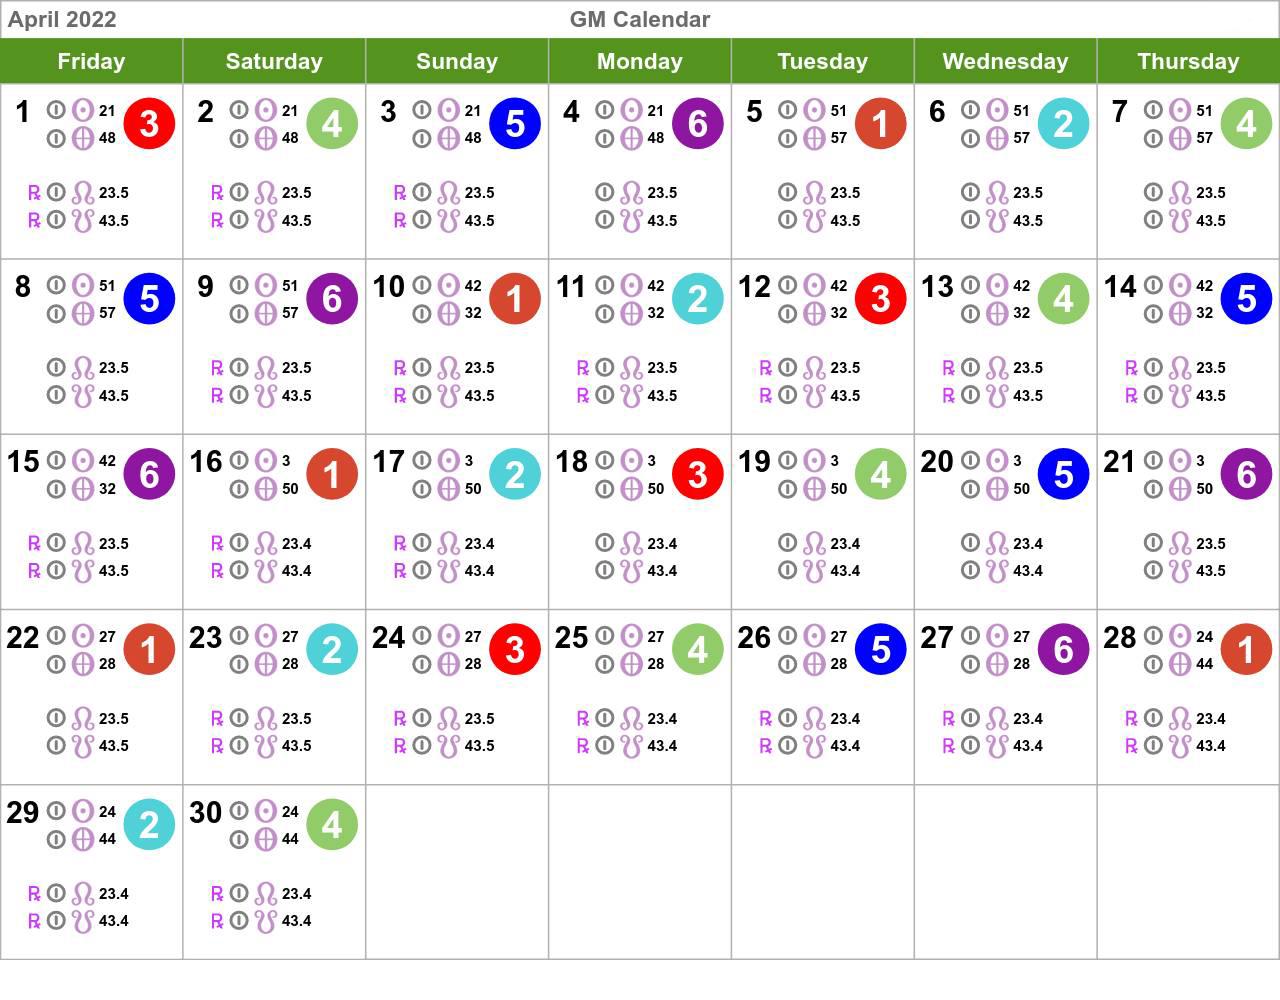 Human Design Calendar April 2022